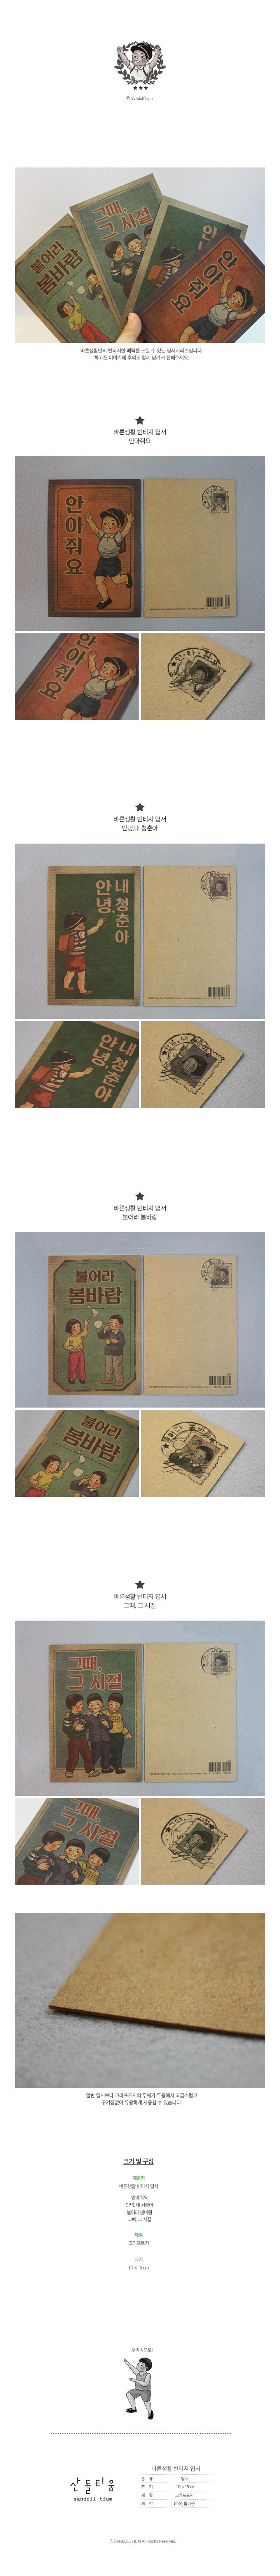 바른생활 빈티지엽서-불어라 봄바람 - 티움, 1,500원, 엽서, 심플